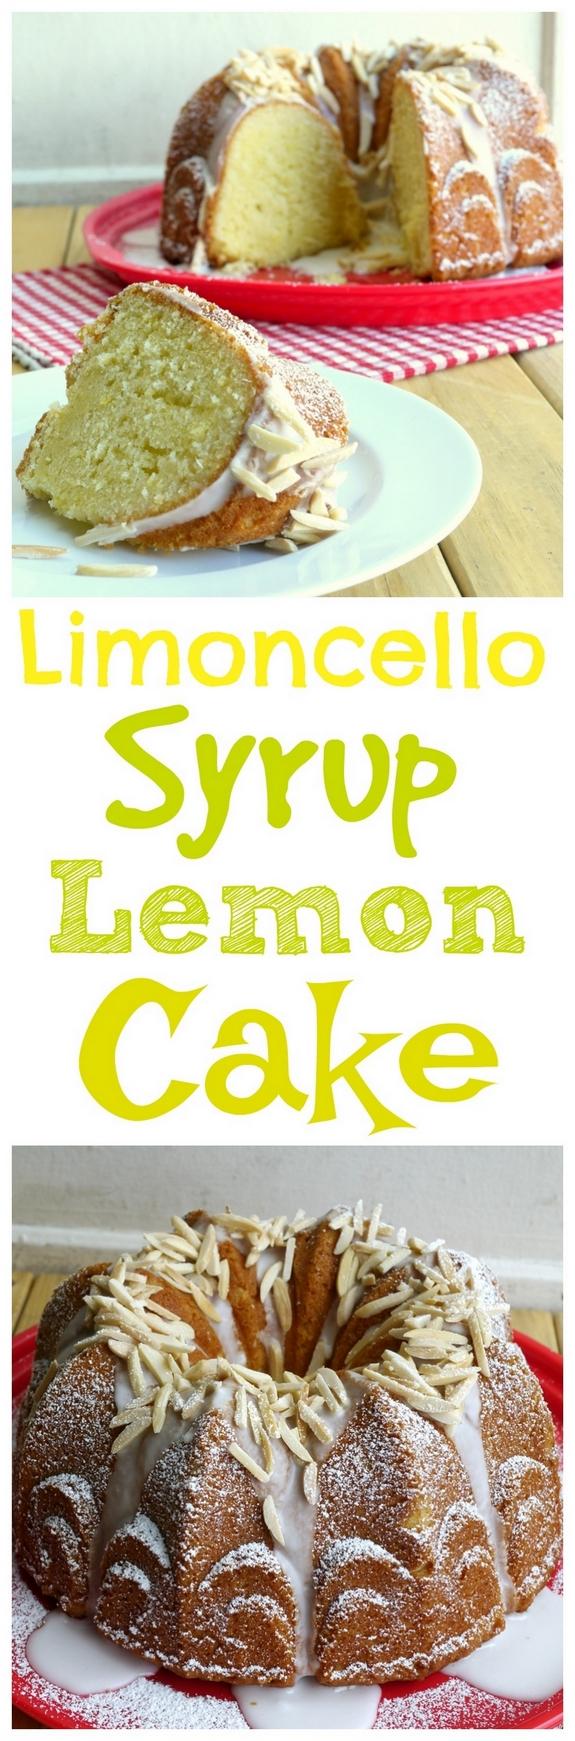 Limoncello Syrup Lemon Cake